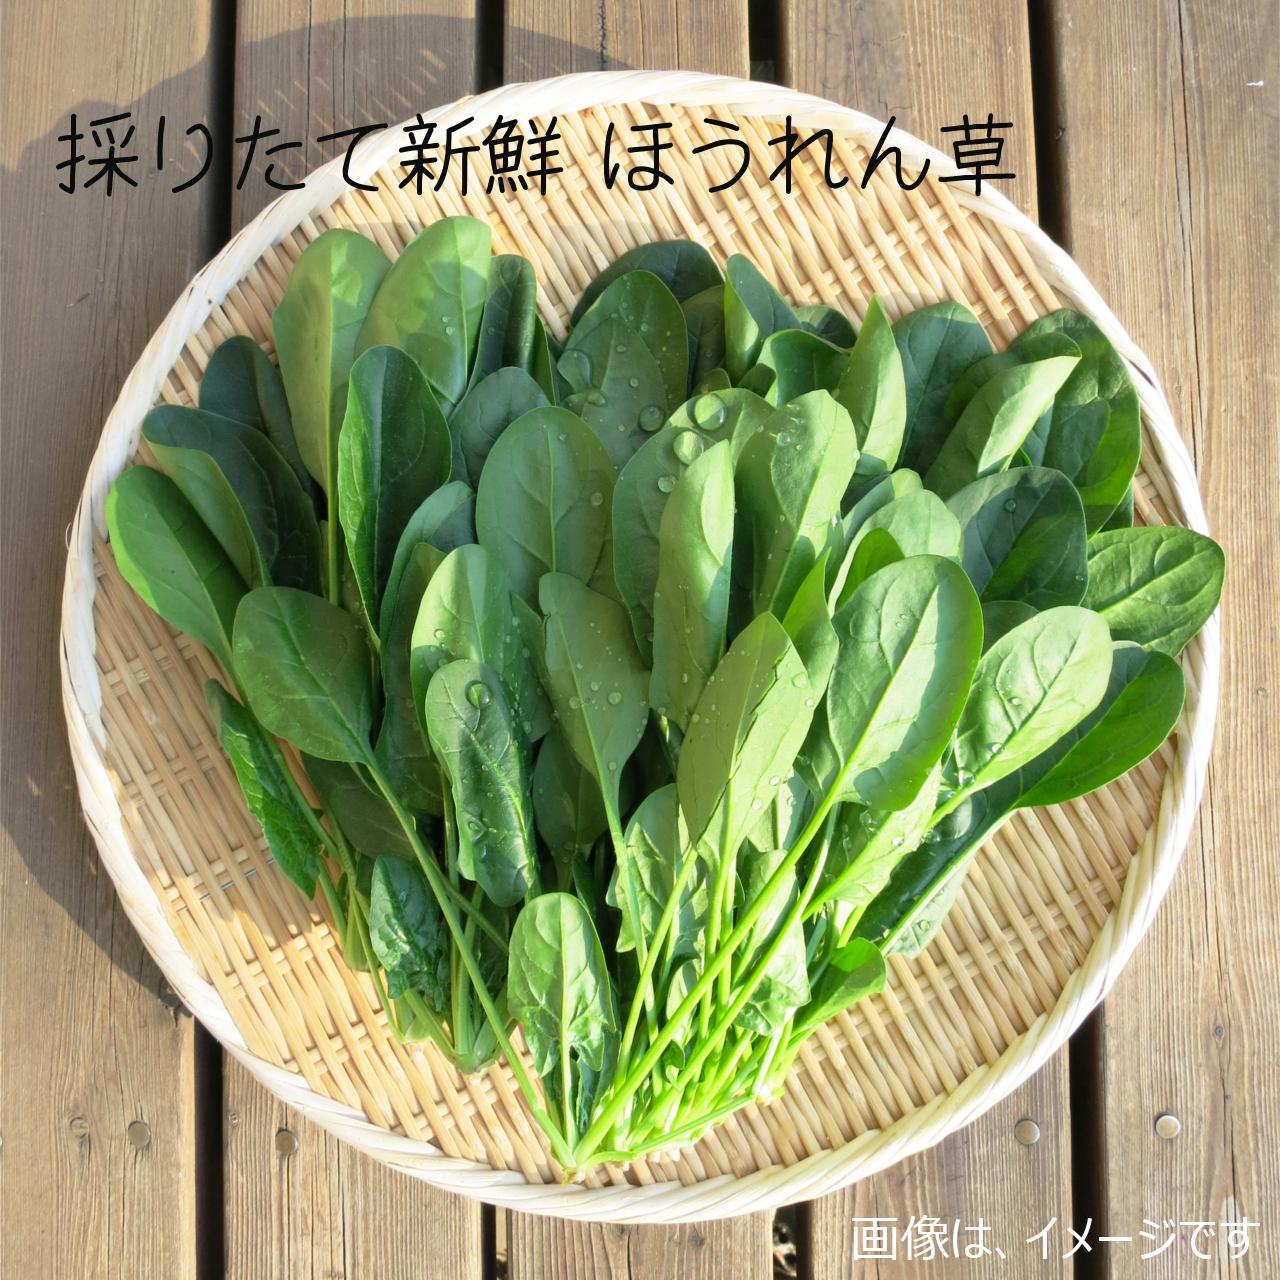 ホウレンソウ 約400g : 6月の朝採り直売野菜 春の新鮮野菜 6月20日発送予定